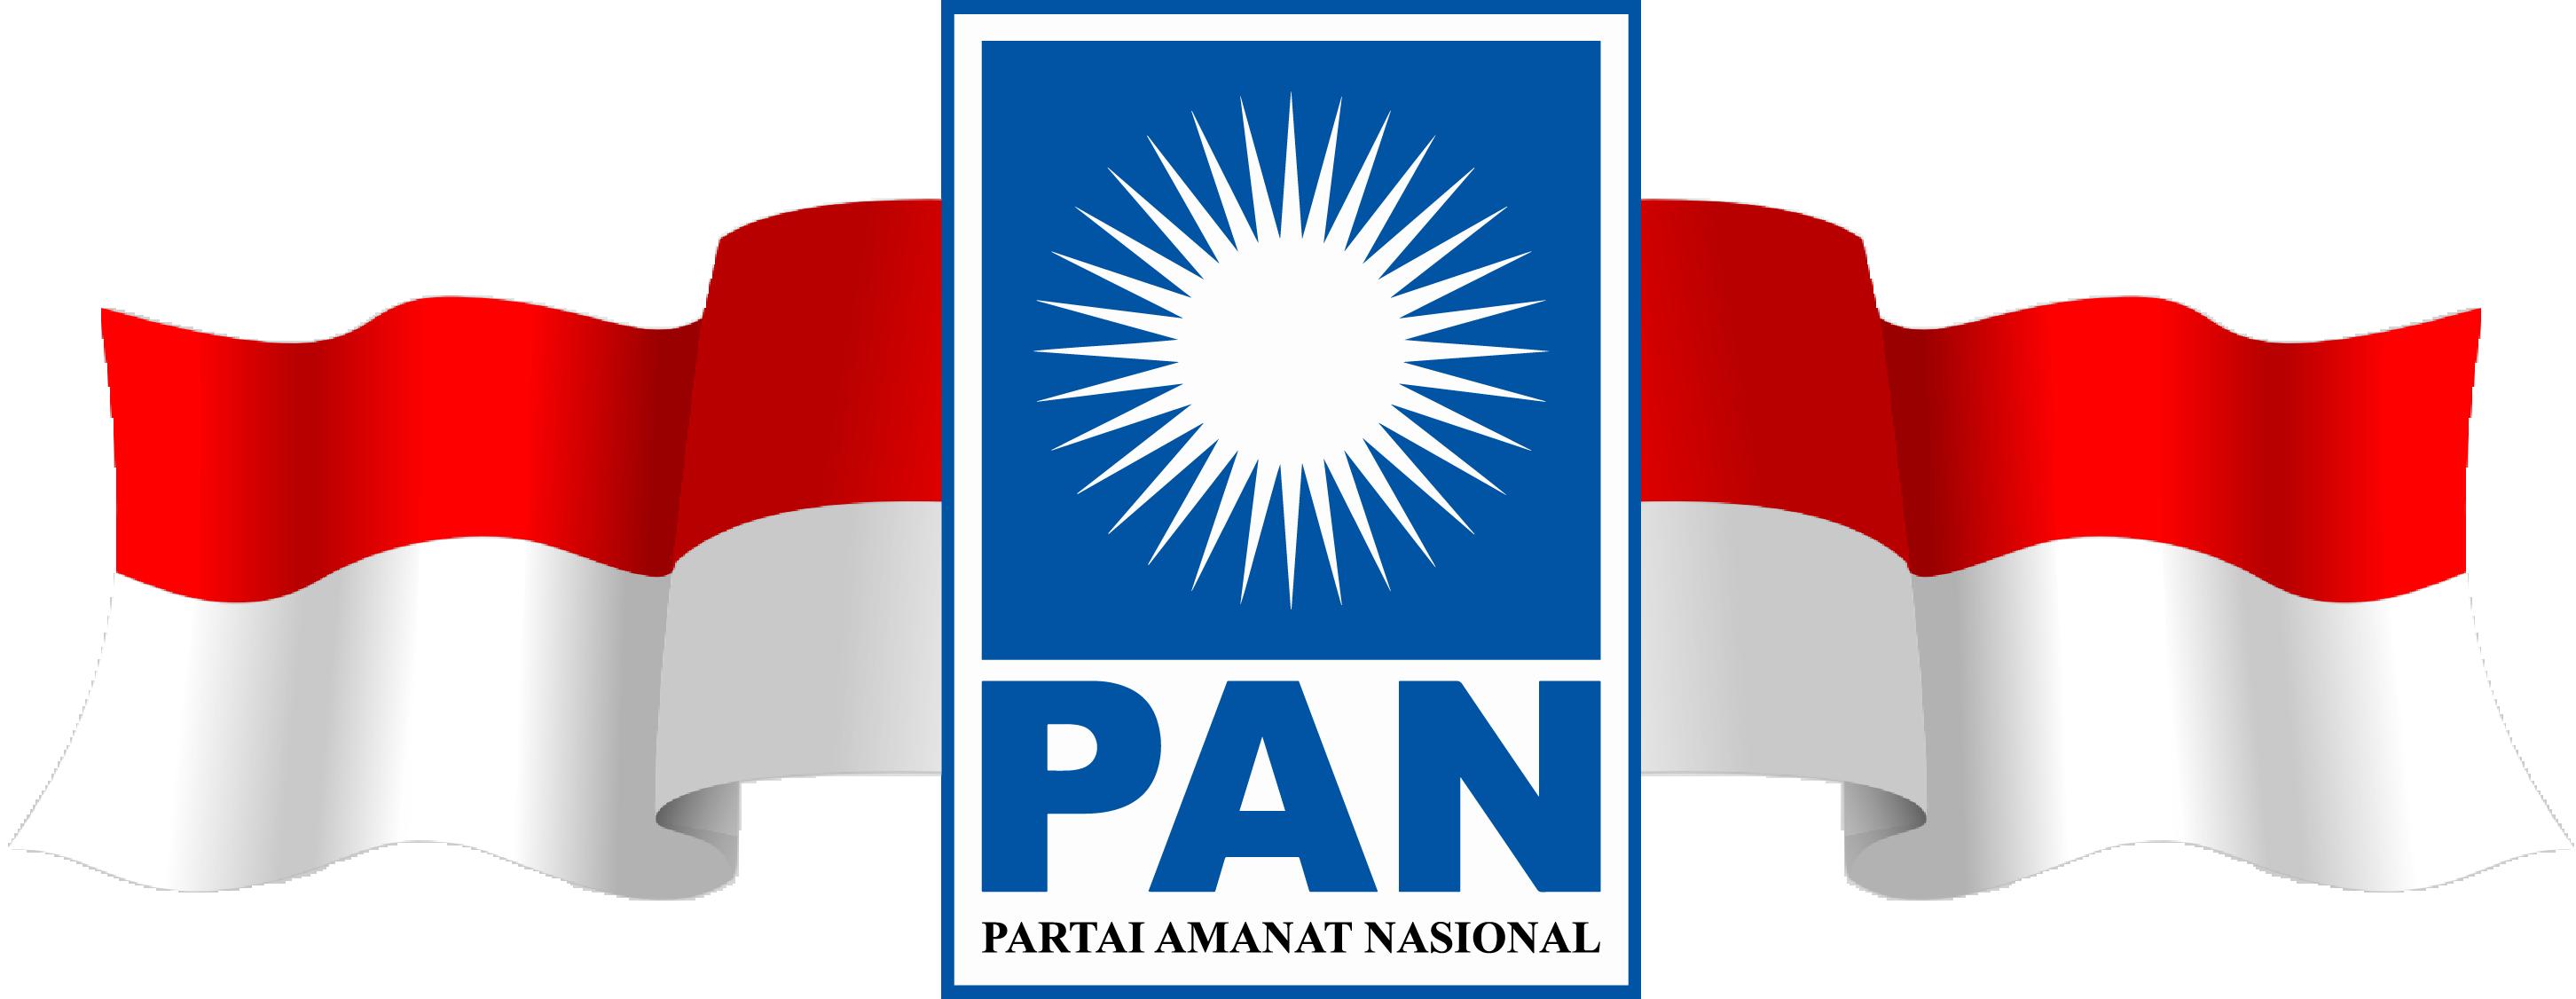 Calon Ketua PAN Malang Kota Muncul 7 Nama Kandidat